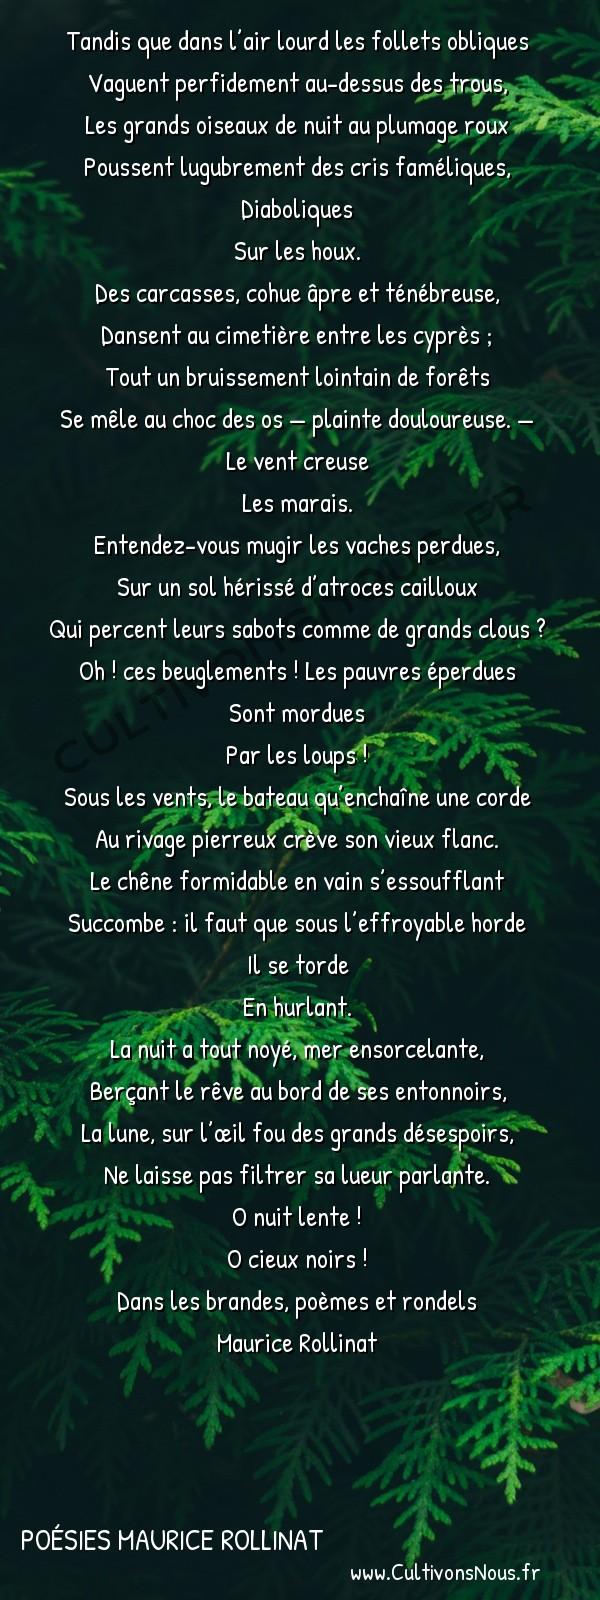 Poésies Maurice Rollinat - Dans les brandes poèmes et rondels - Nuit fantastique -  Tandis que dans l'air lourd les follets obliques Vaguent perfidement au-dessus des trous,